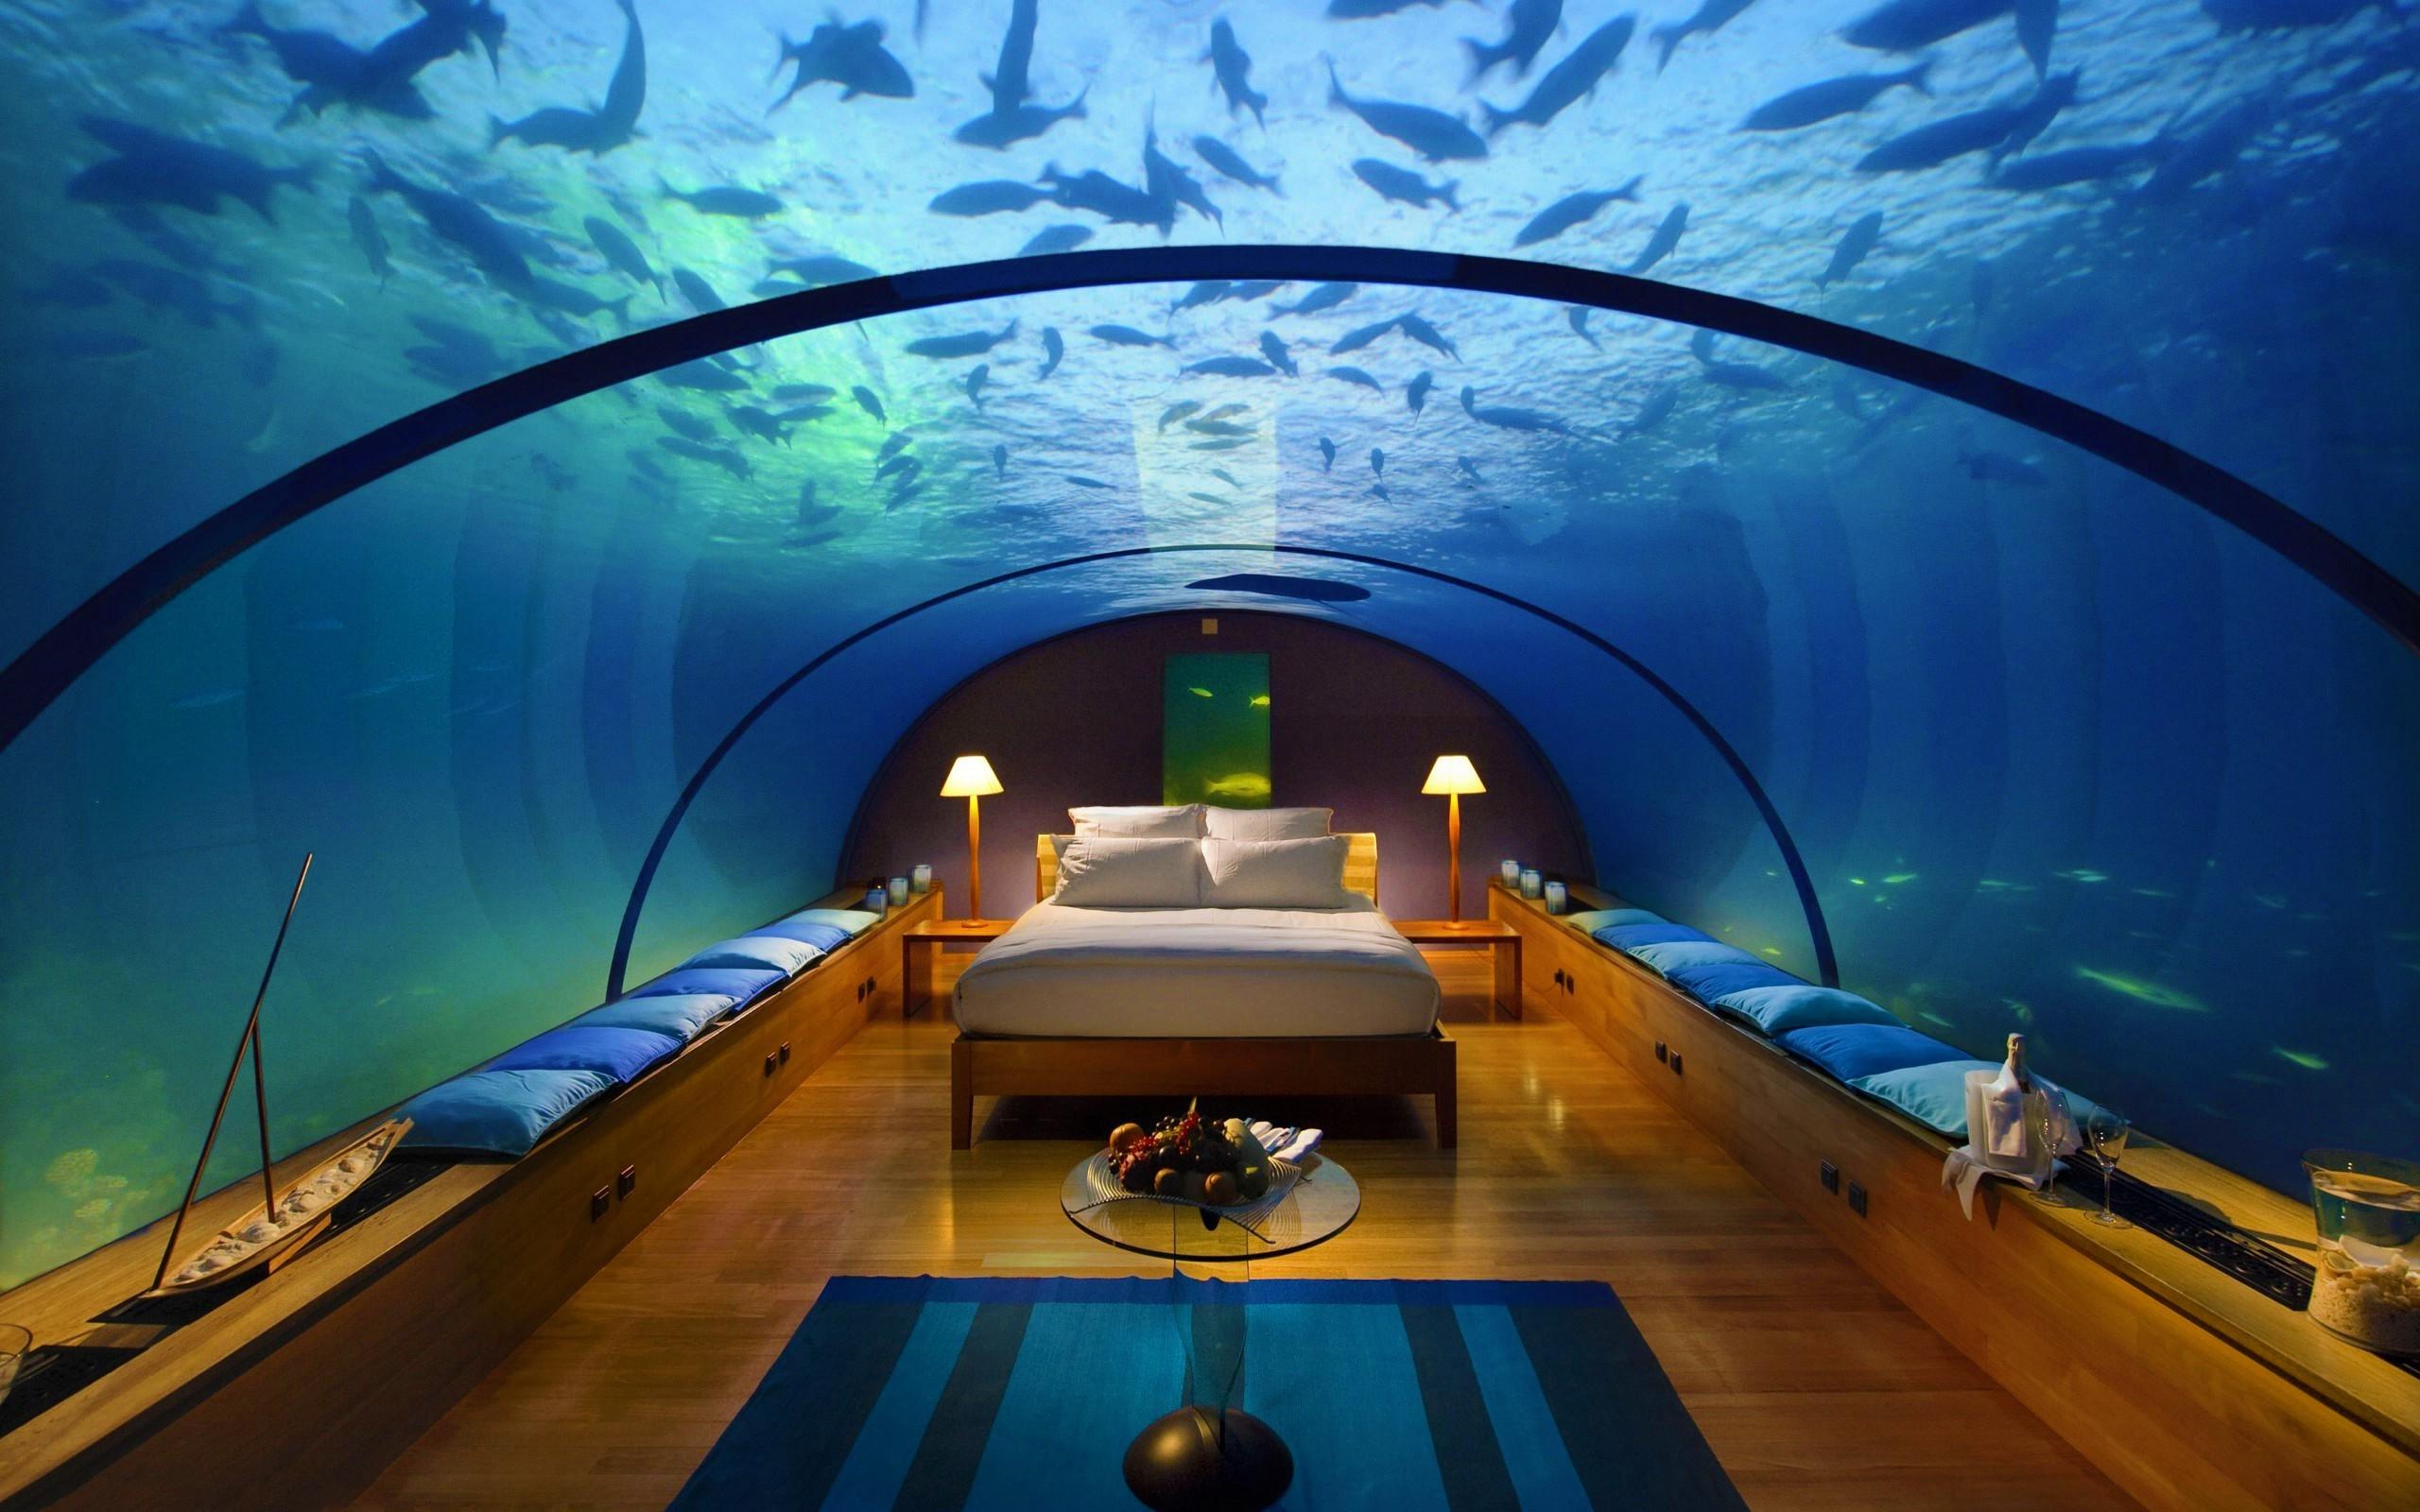 Hintergrundbilder : Innere, Bett, Hotel, Pool, Unterwasser ...